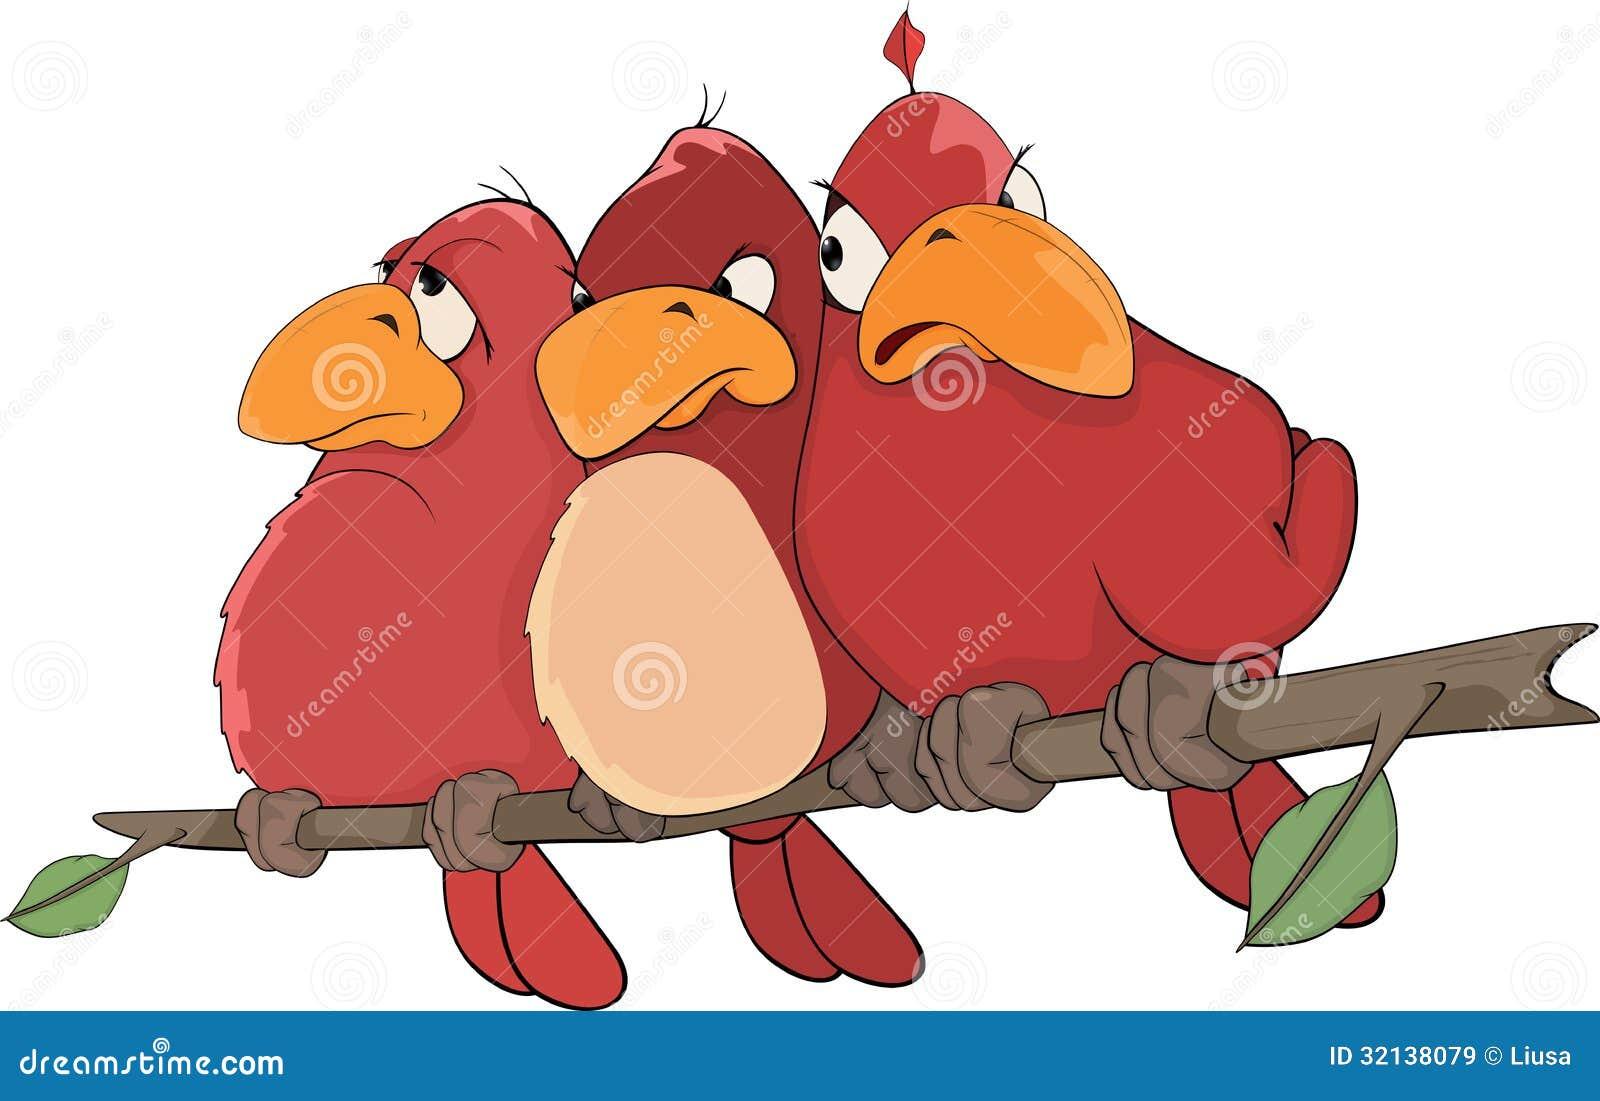 Pássaros vermelhos. Desenhos animados